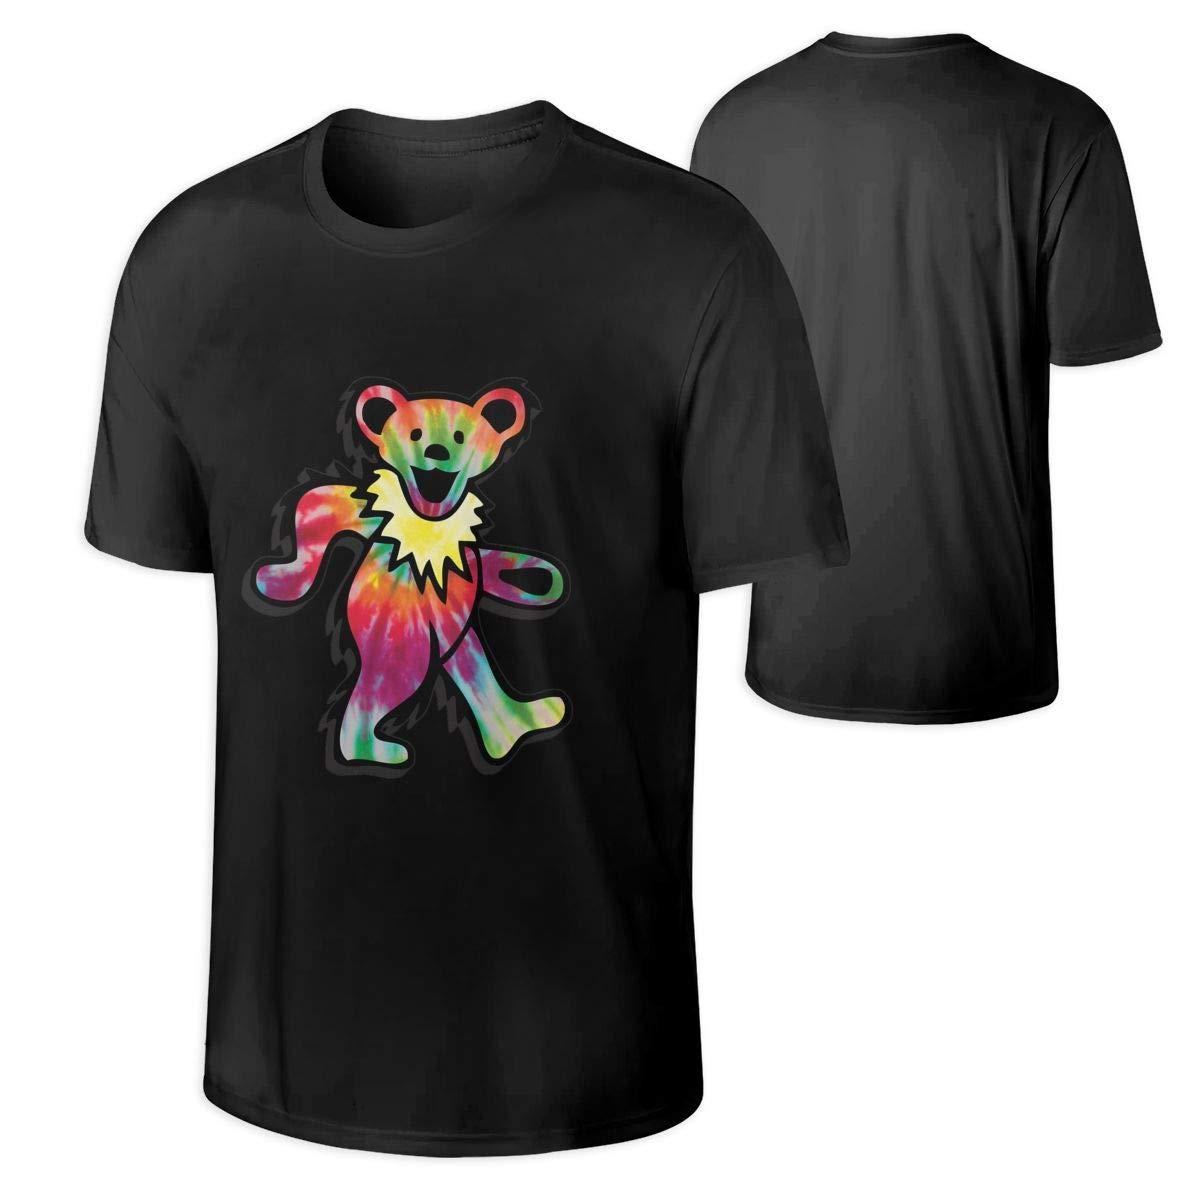 Williamwbutler Grateful Dead S T Shirt Pop Man T Shirts Short Sleeves 2980